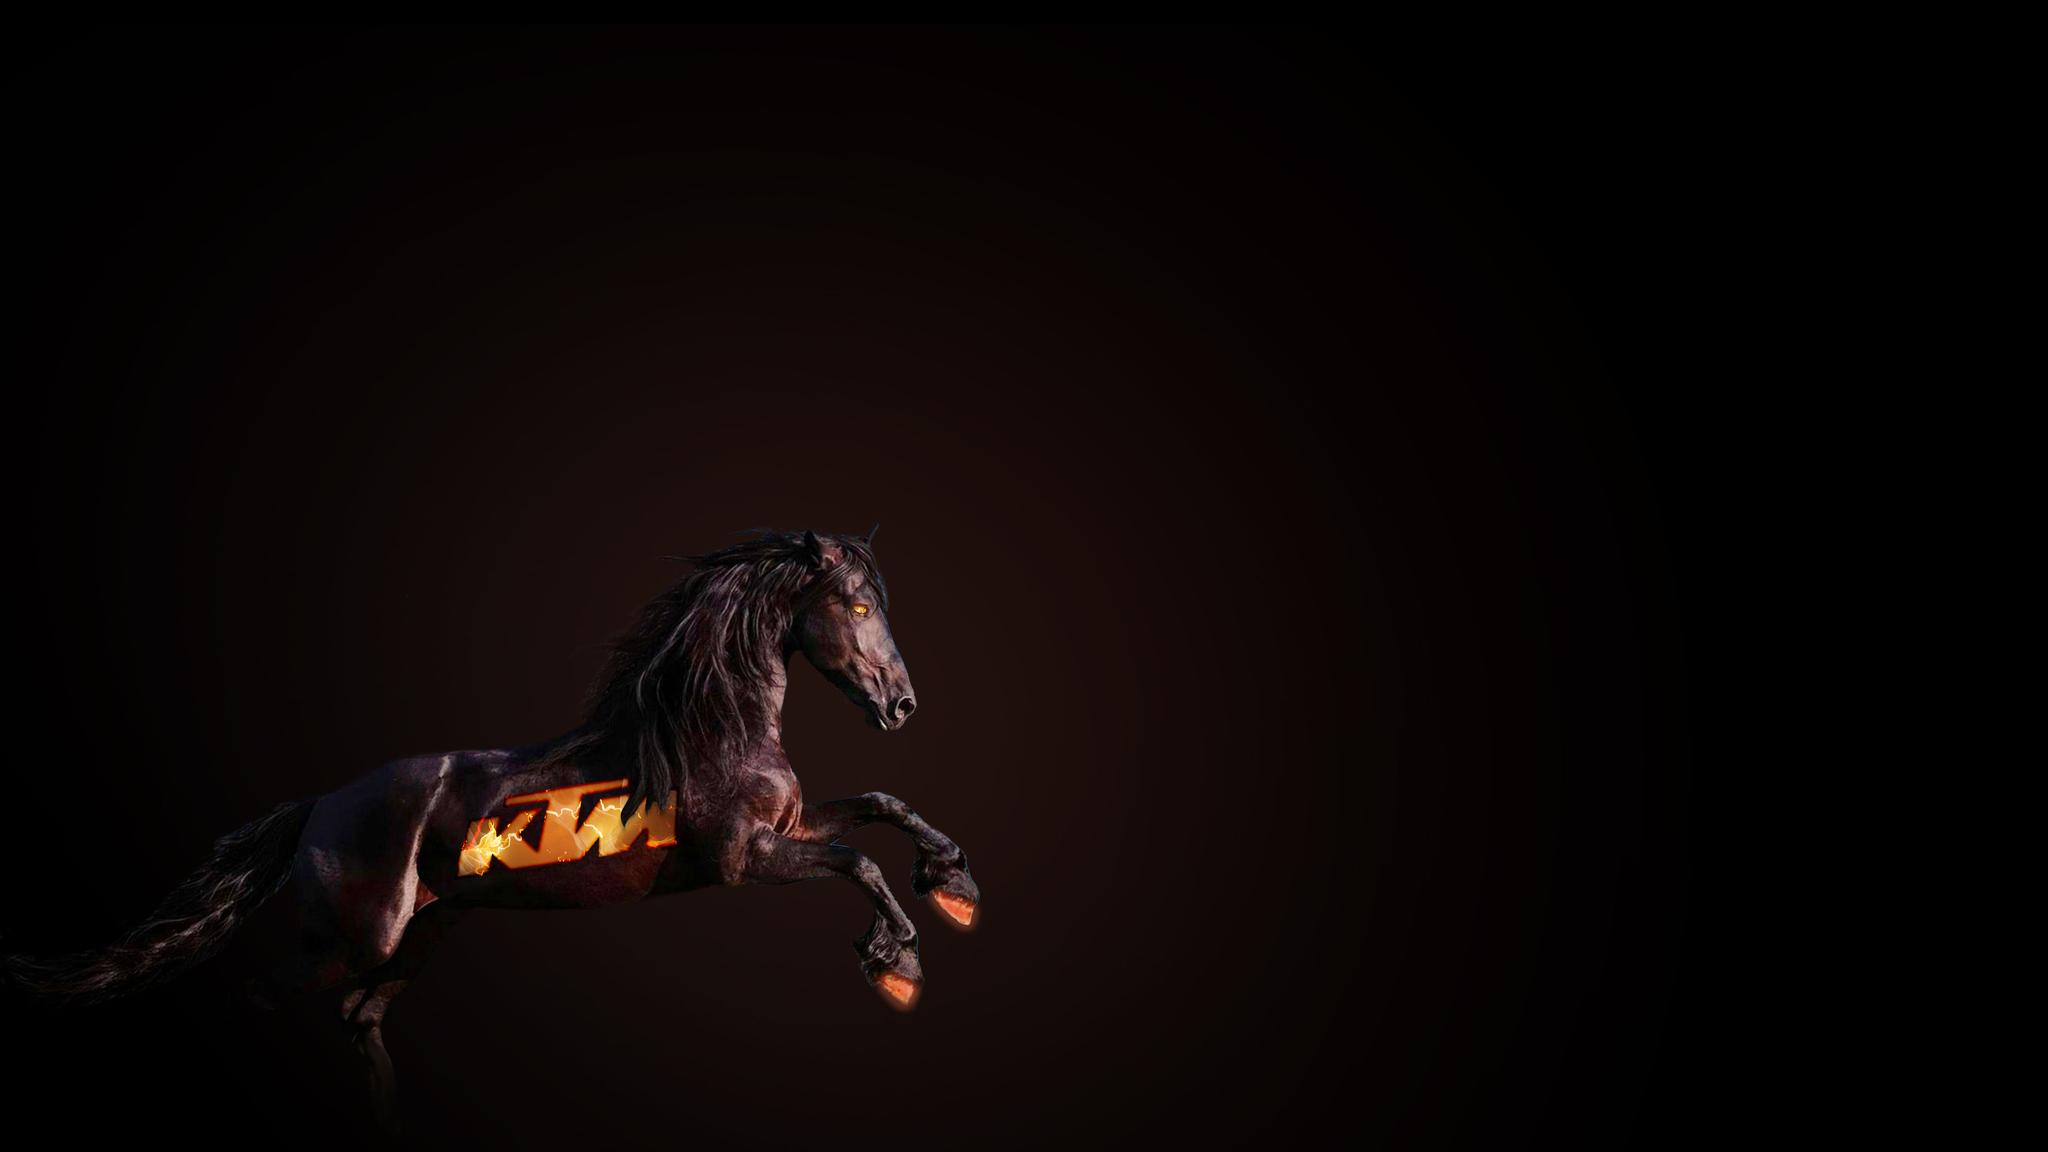 ktm-horse-pic.jpg